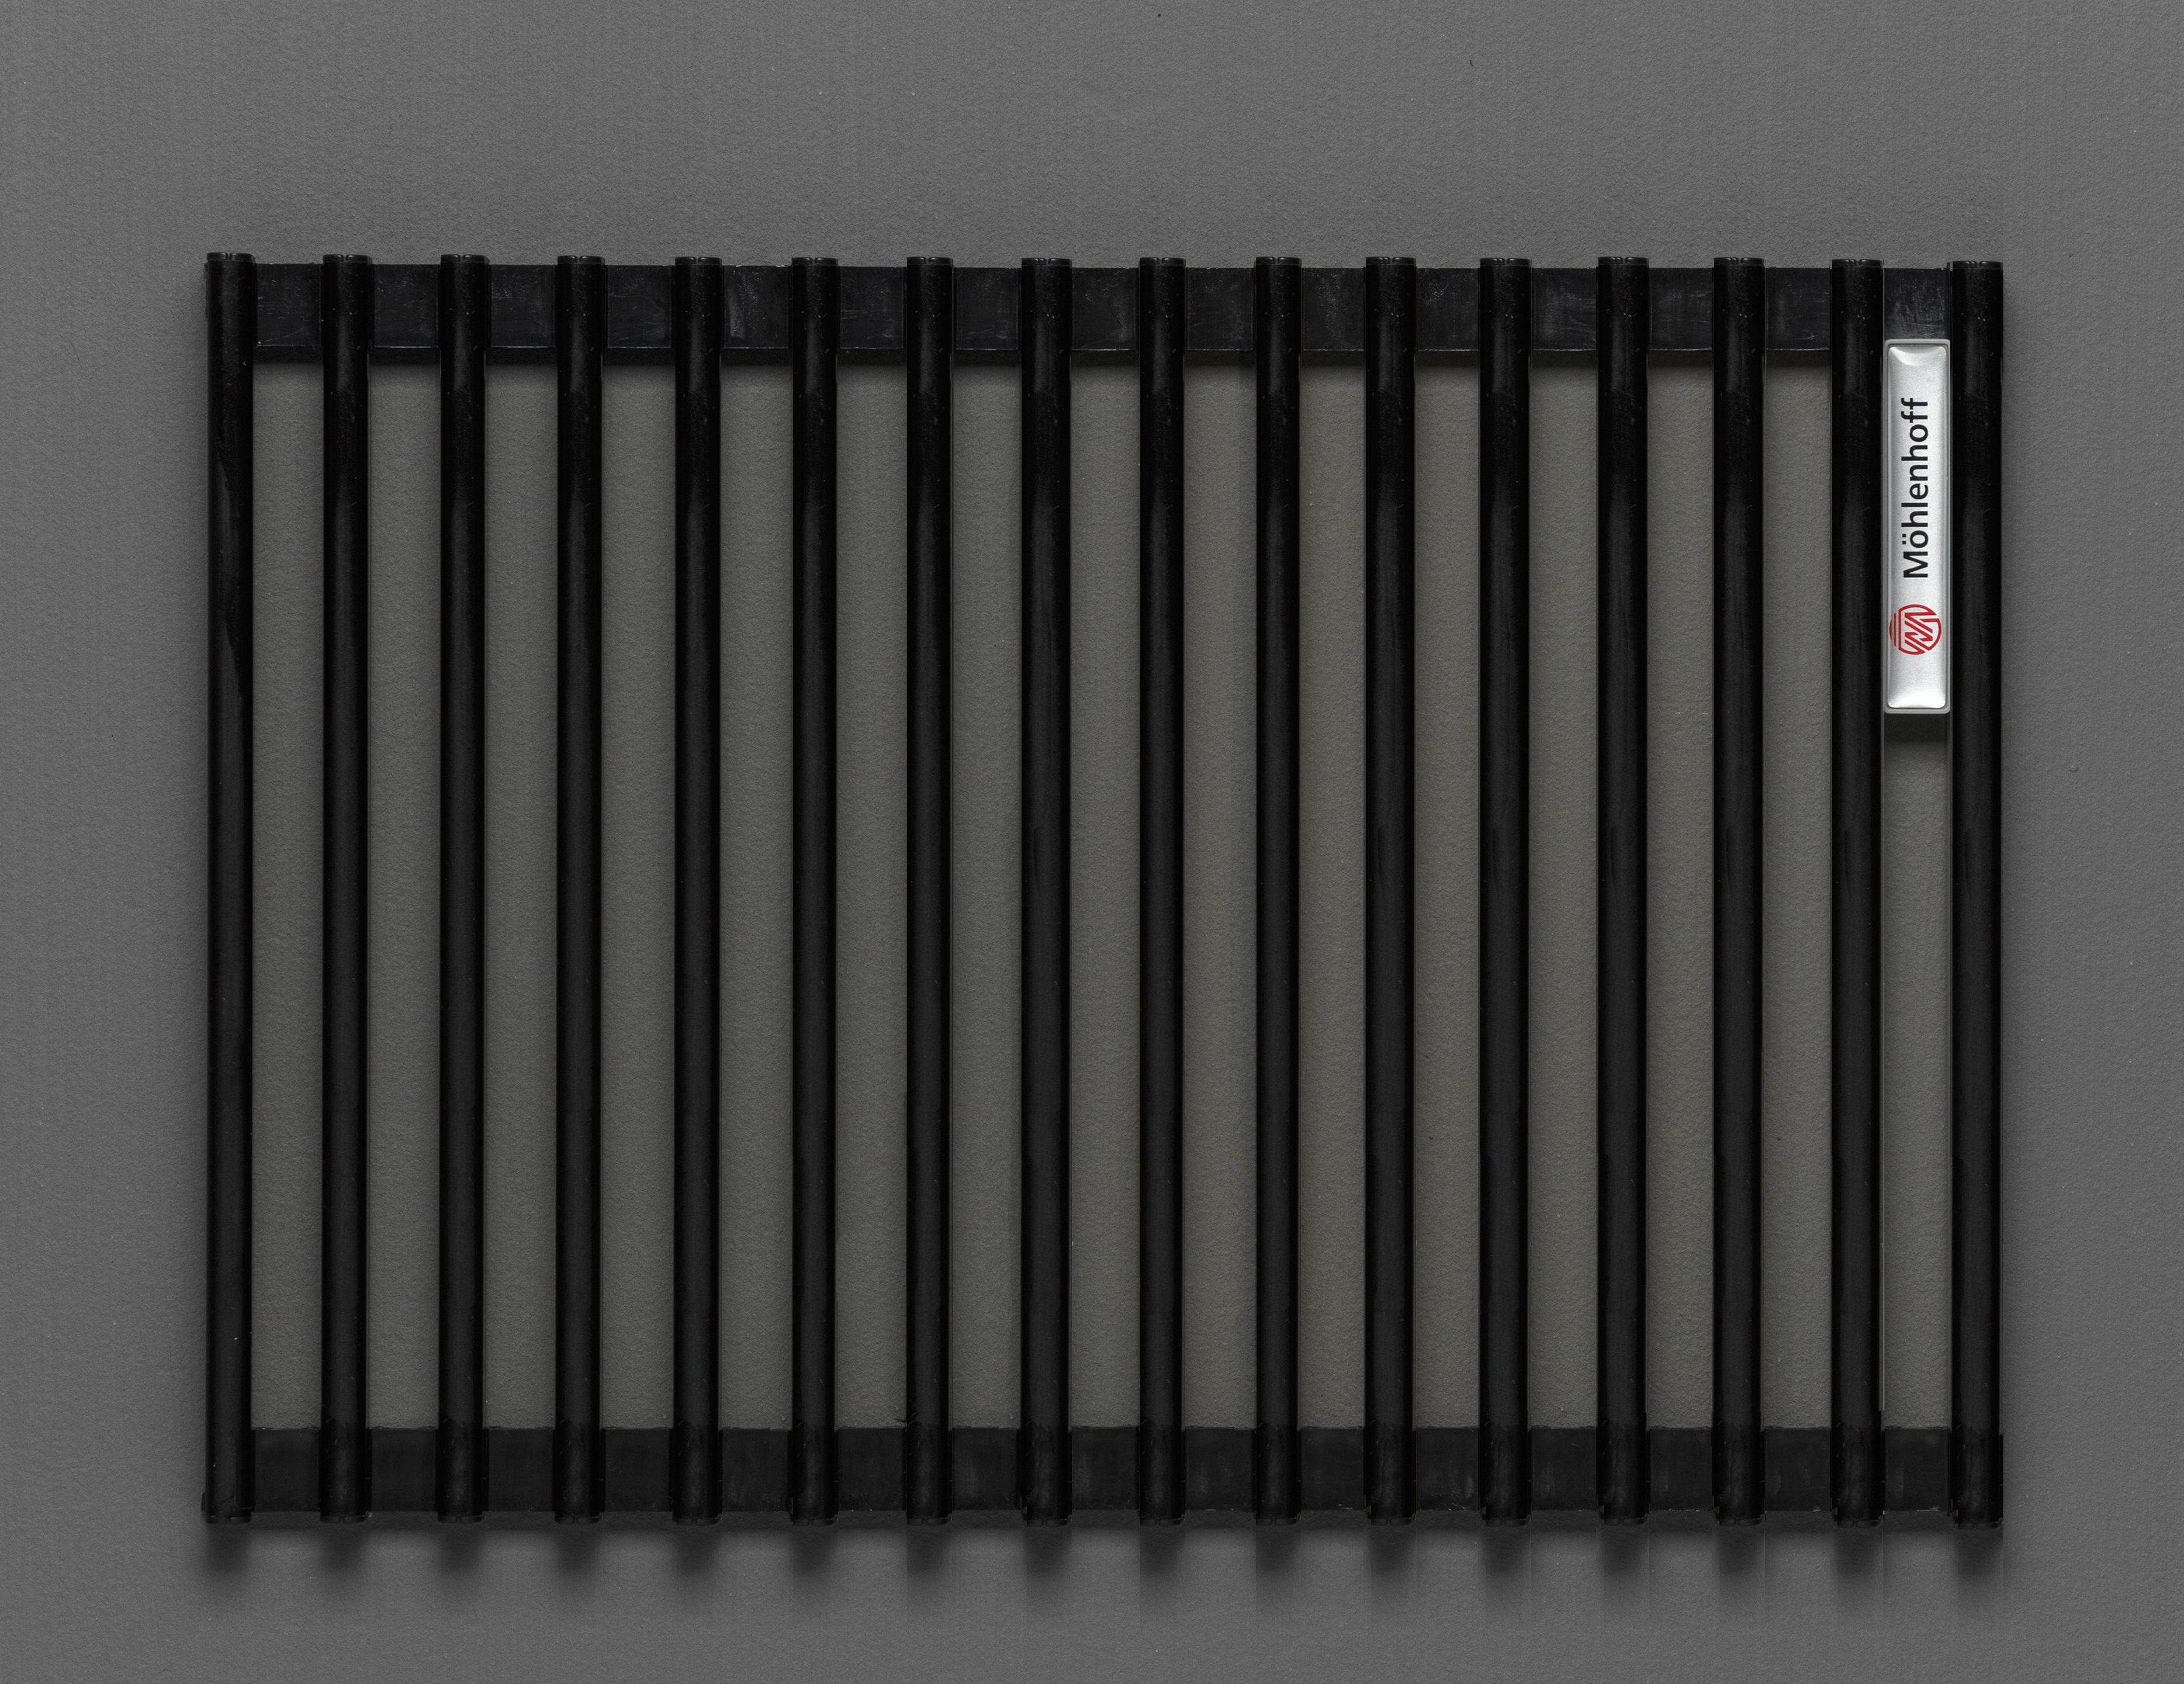 Купить Декоративная решётка Mohlenhoff черный, шириной 360 мм 1 пог. м, Россия